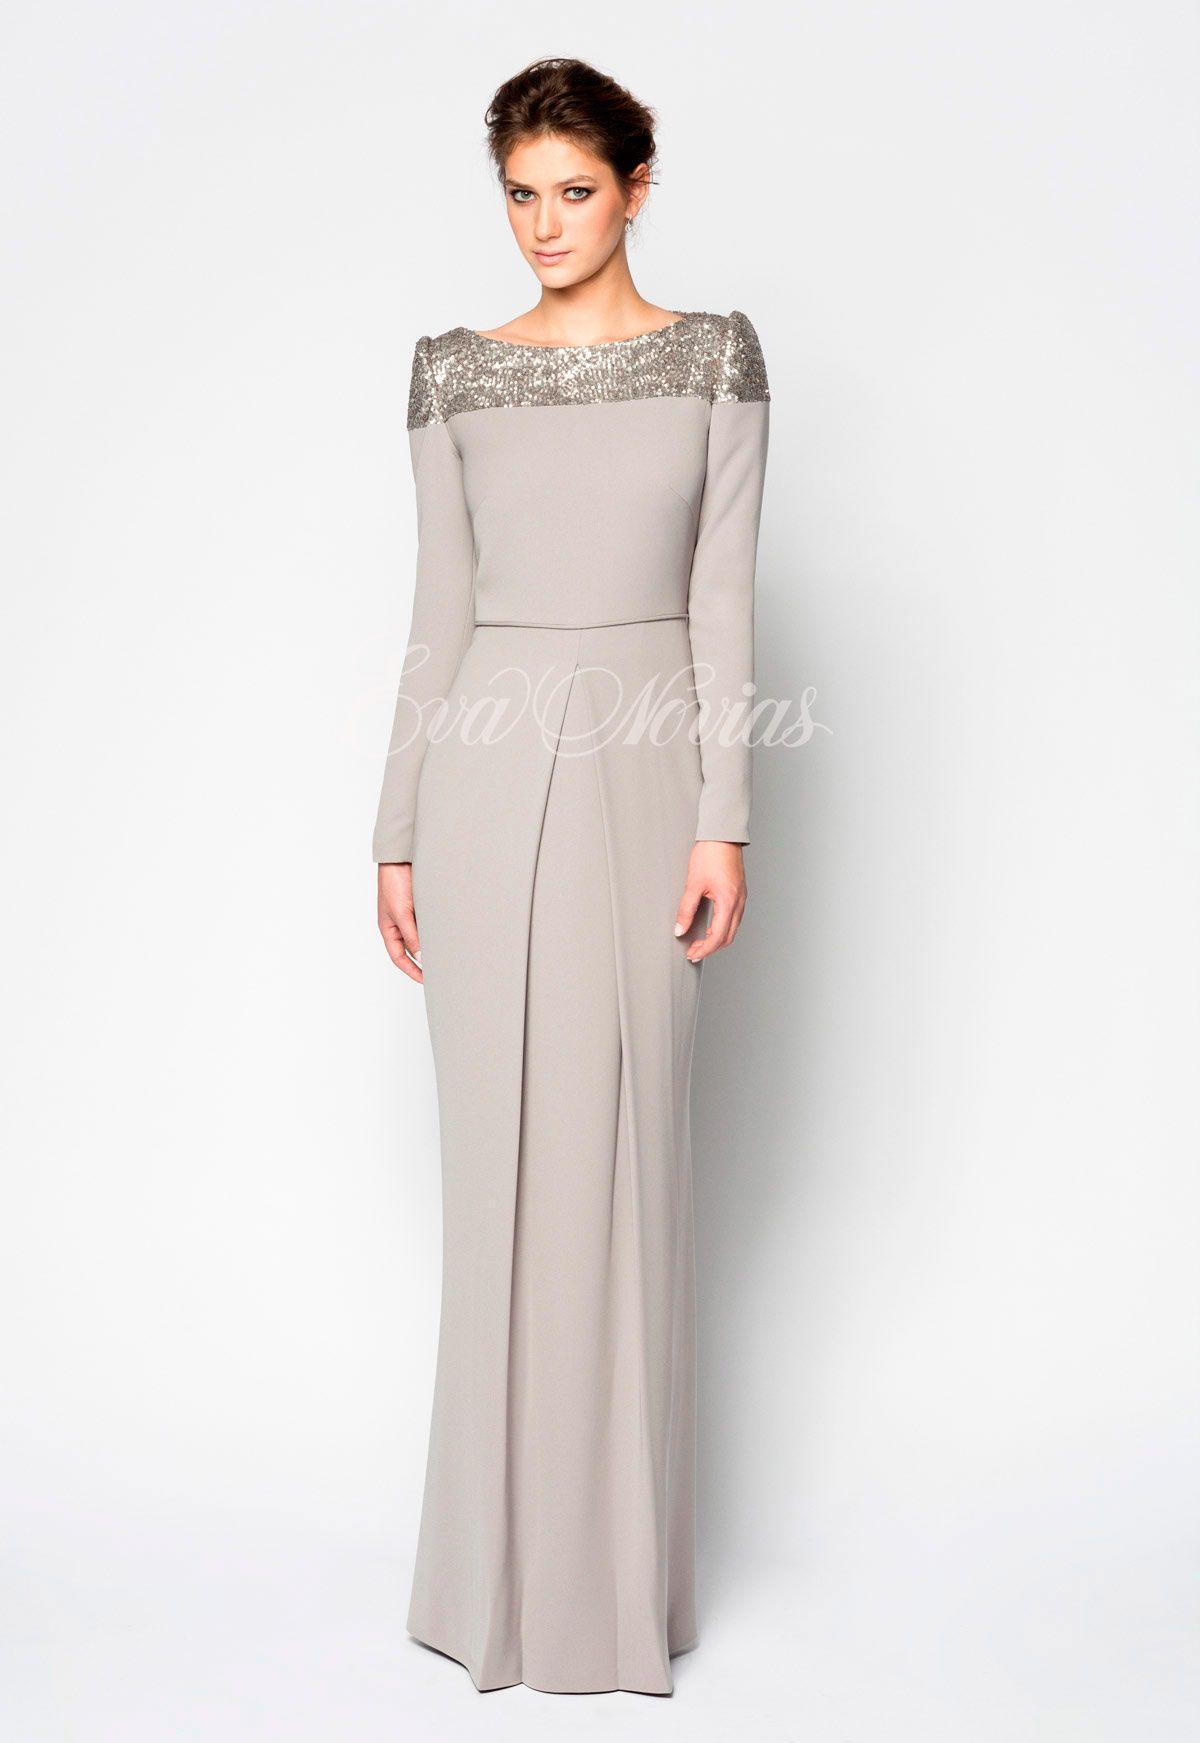 Vestido de fiesta de la firma Victoria coleccion 2017 Modelo ...